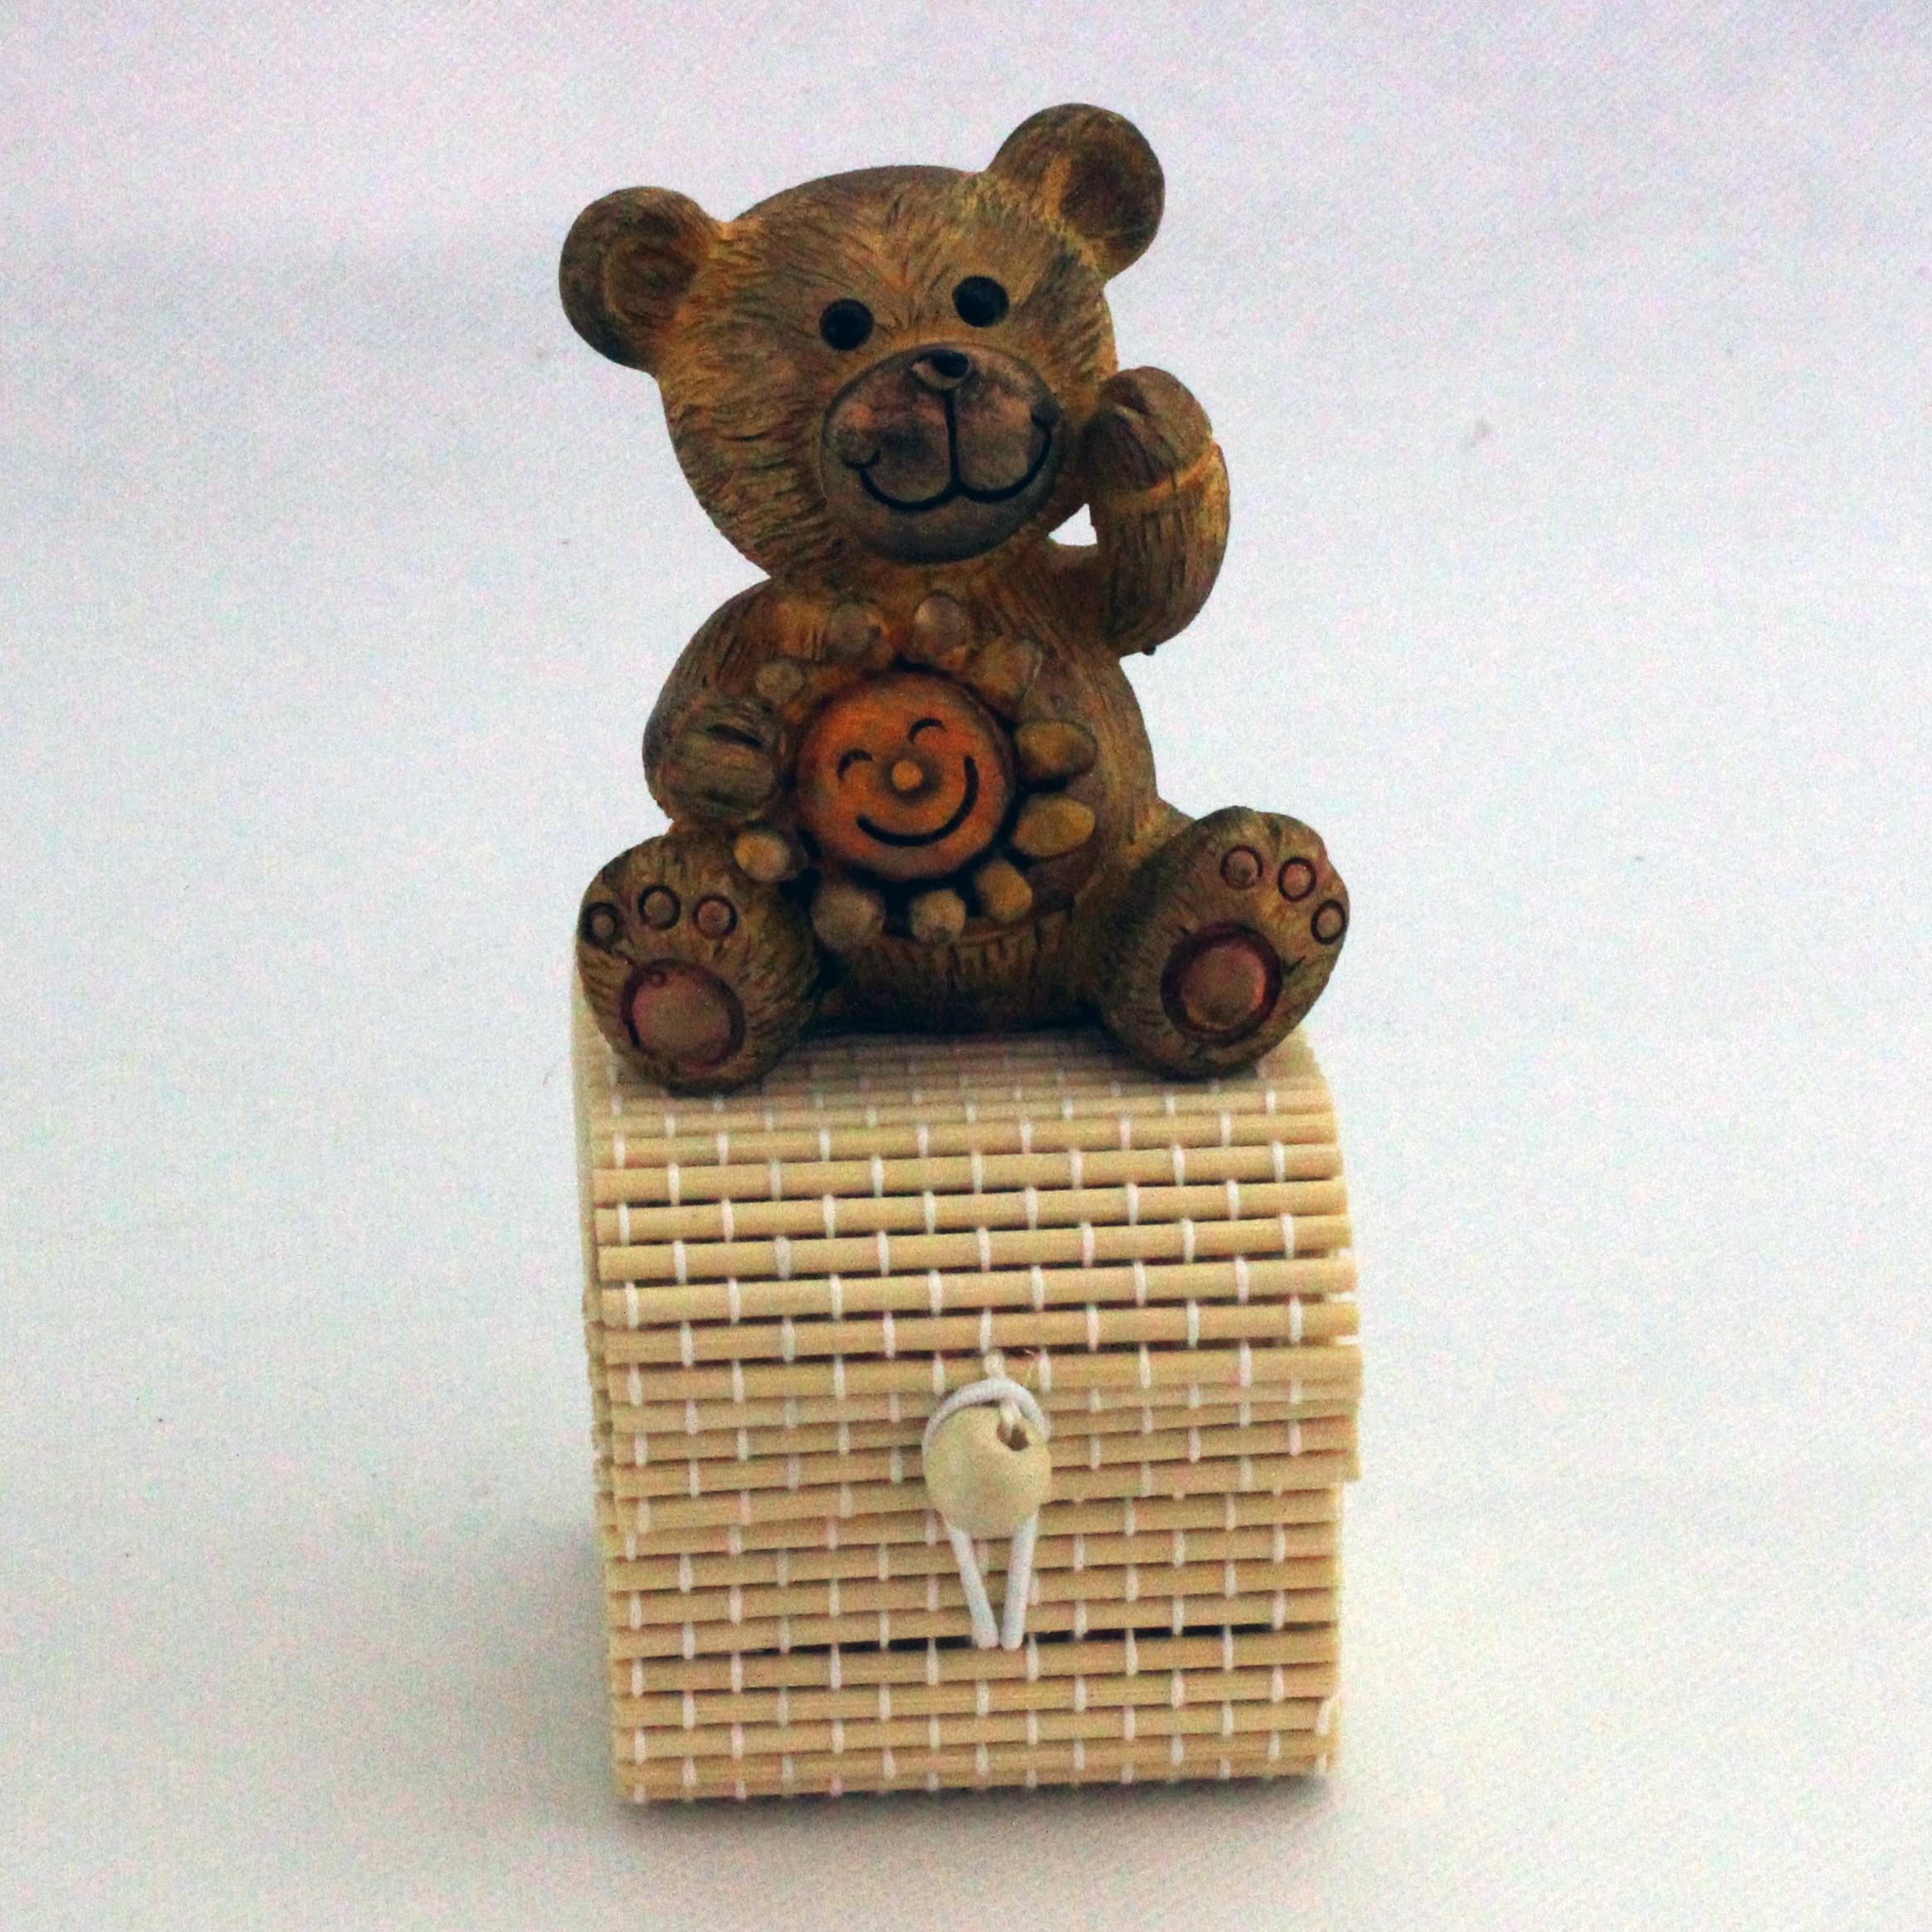 Scatoline in bambu con animaletti in resina